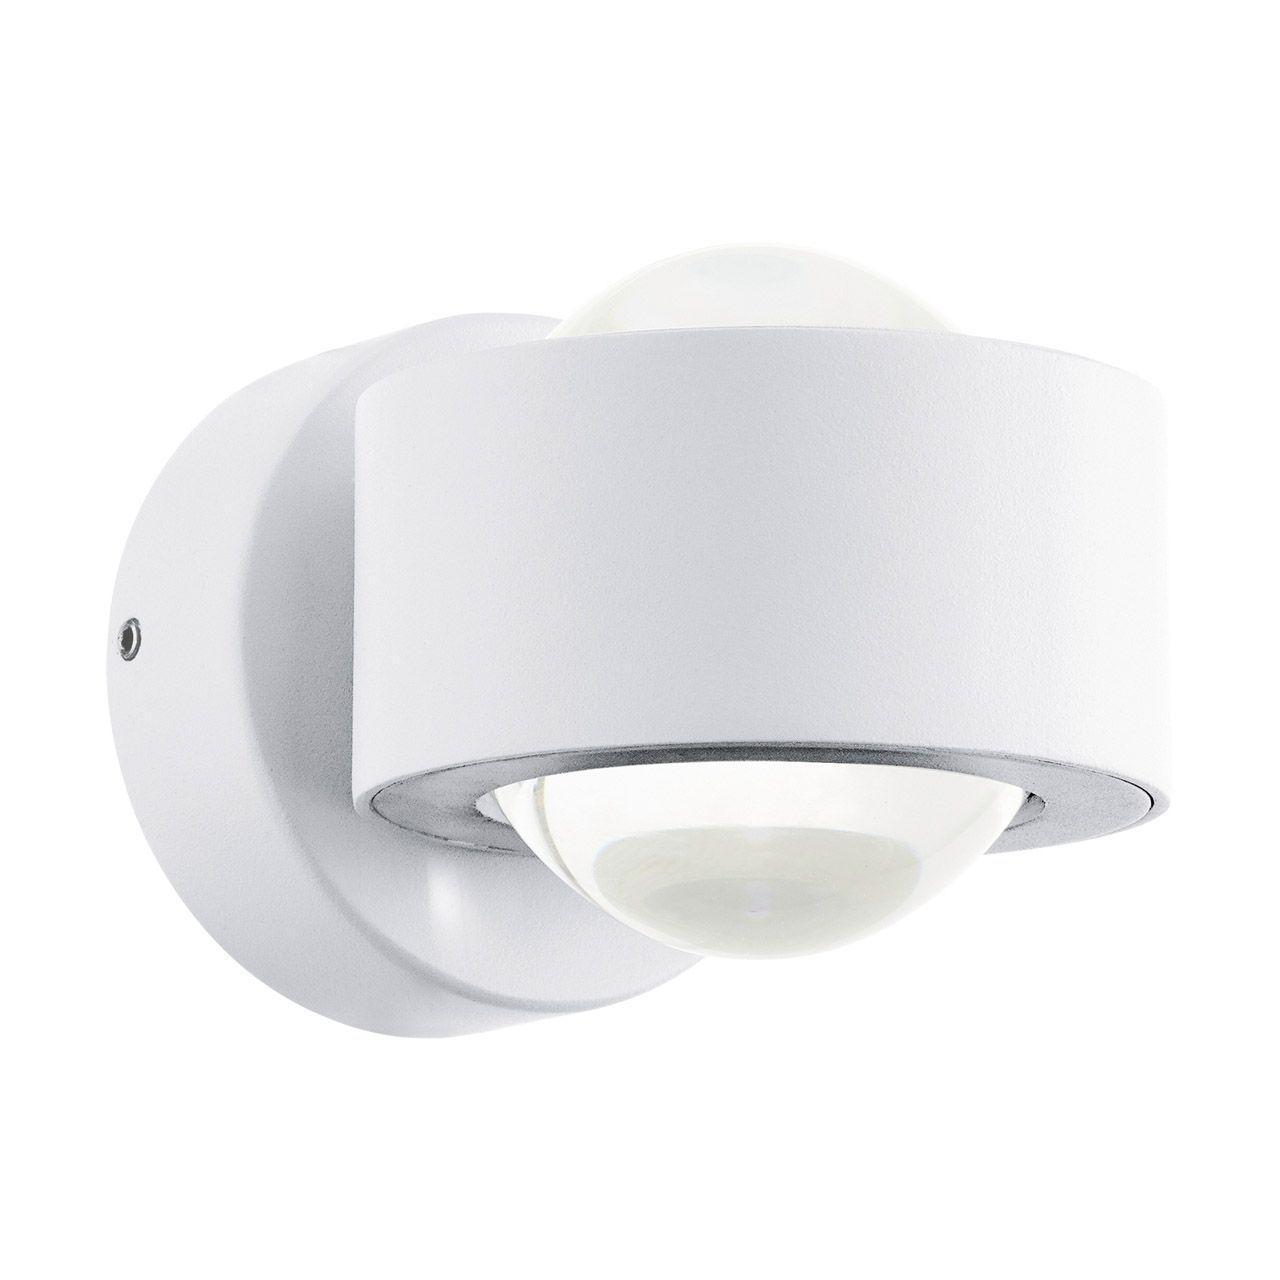 Настенный светодиодный светильник Eglo Ono 2 96048 eglo ono 1 93125